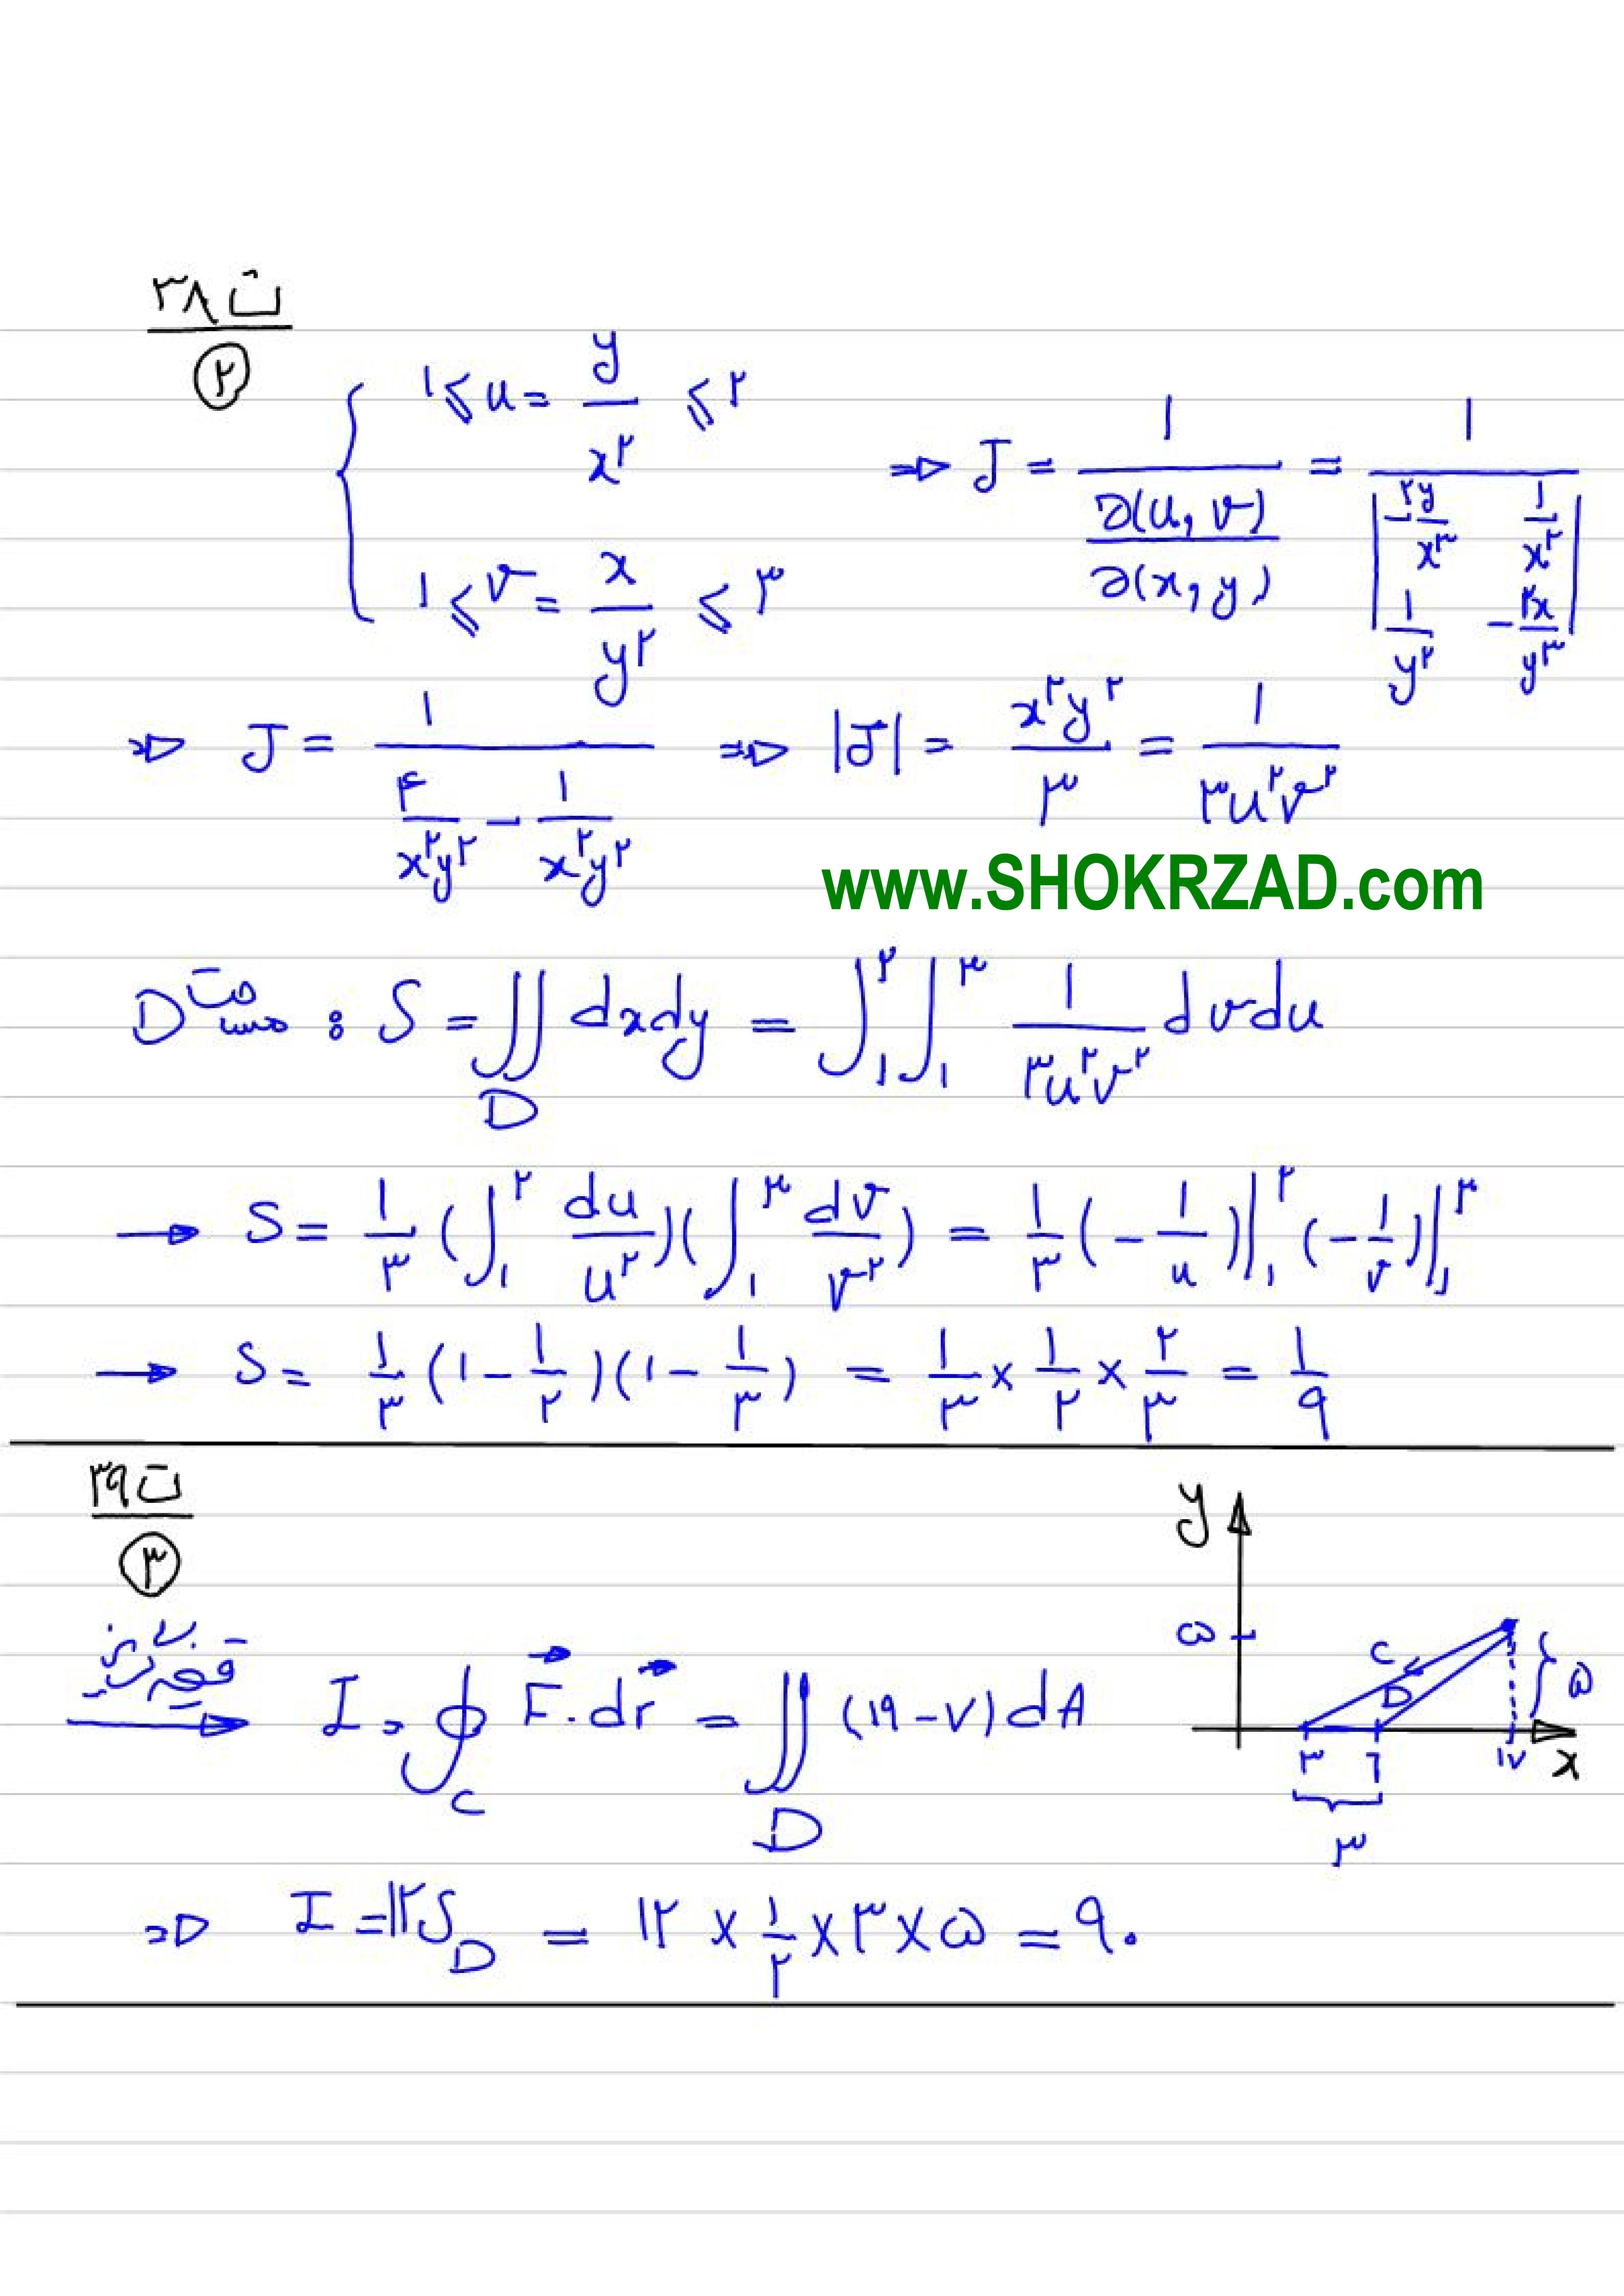 پاسخ تشریحی سوالات ریاضی عمومی مهندسی سوانح طبیعی 96